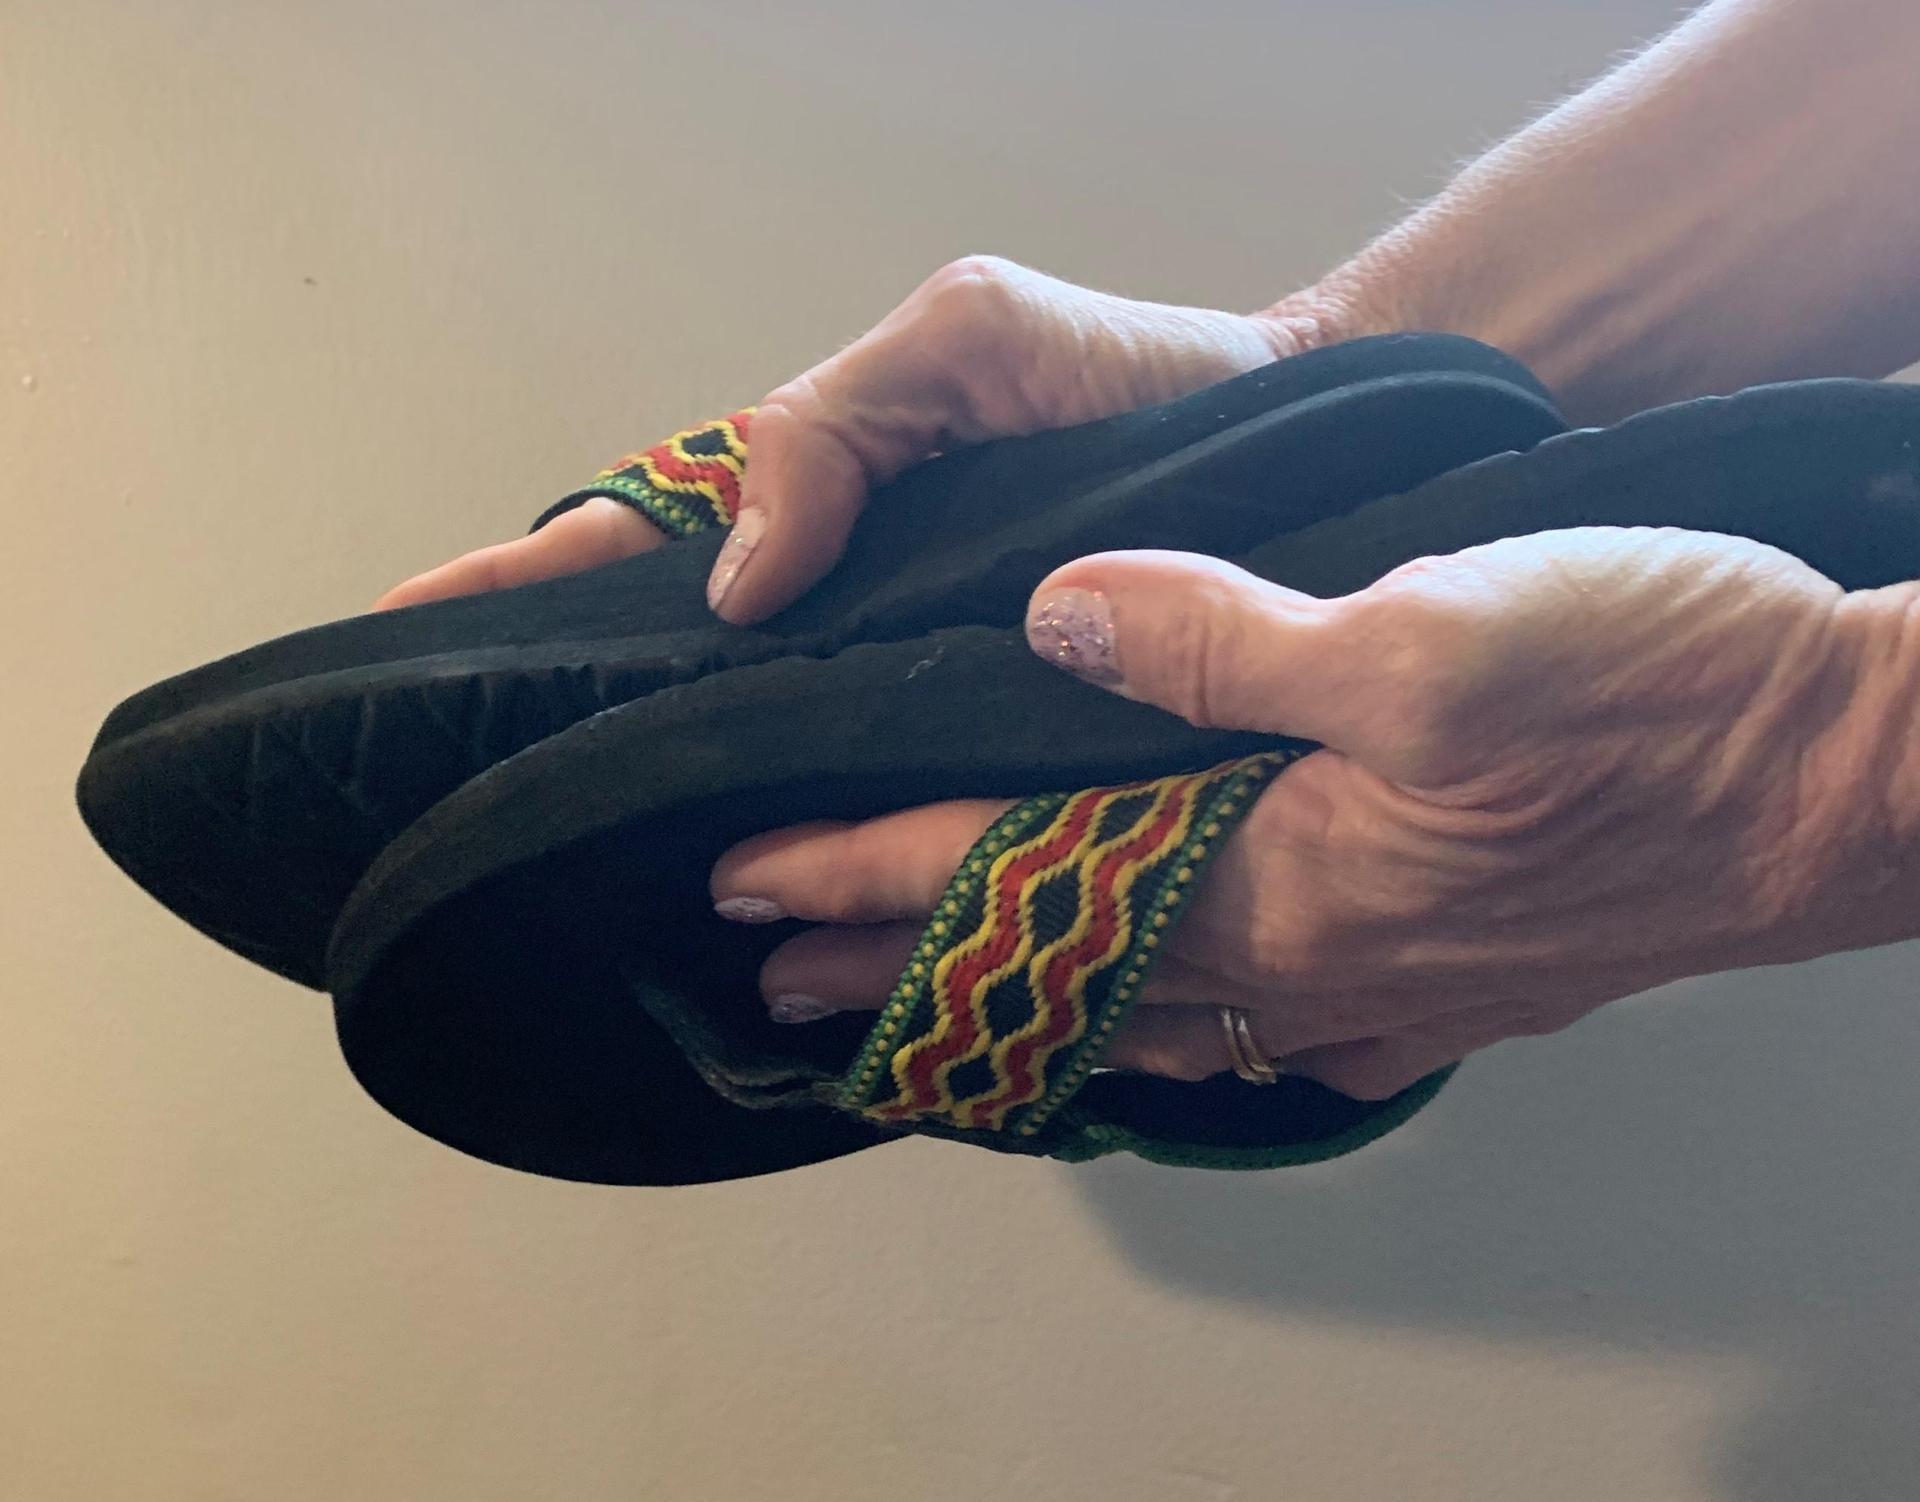 rubbing flip flops together